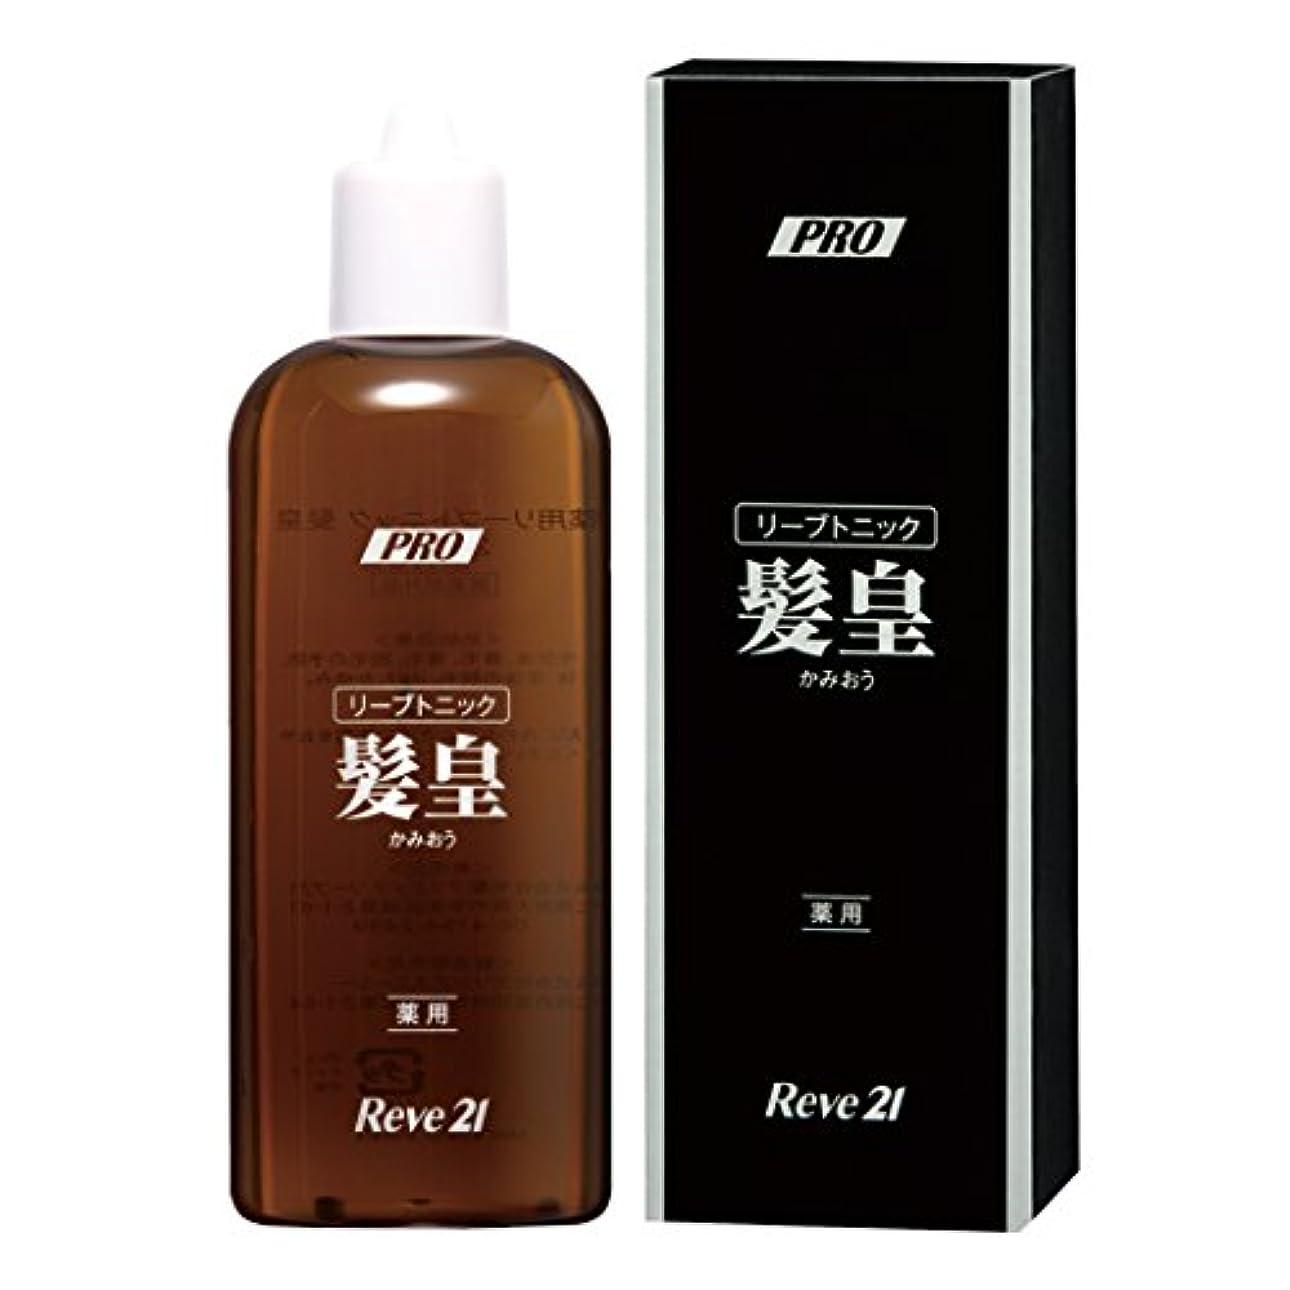 タバコ縁本物発毛専門リーブ21 薬用リーブトニック髪皇(250ml)